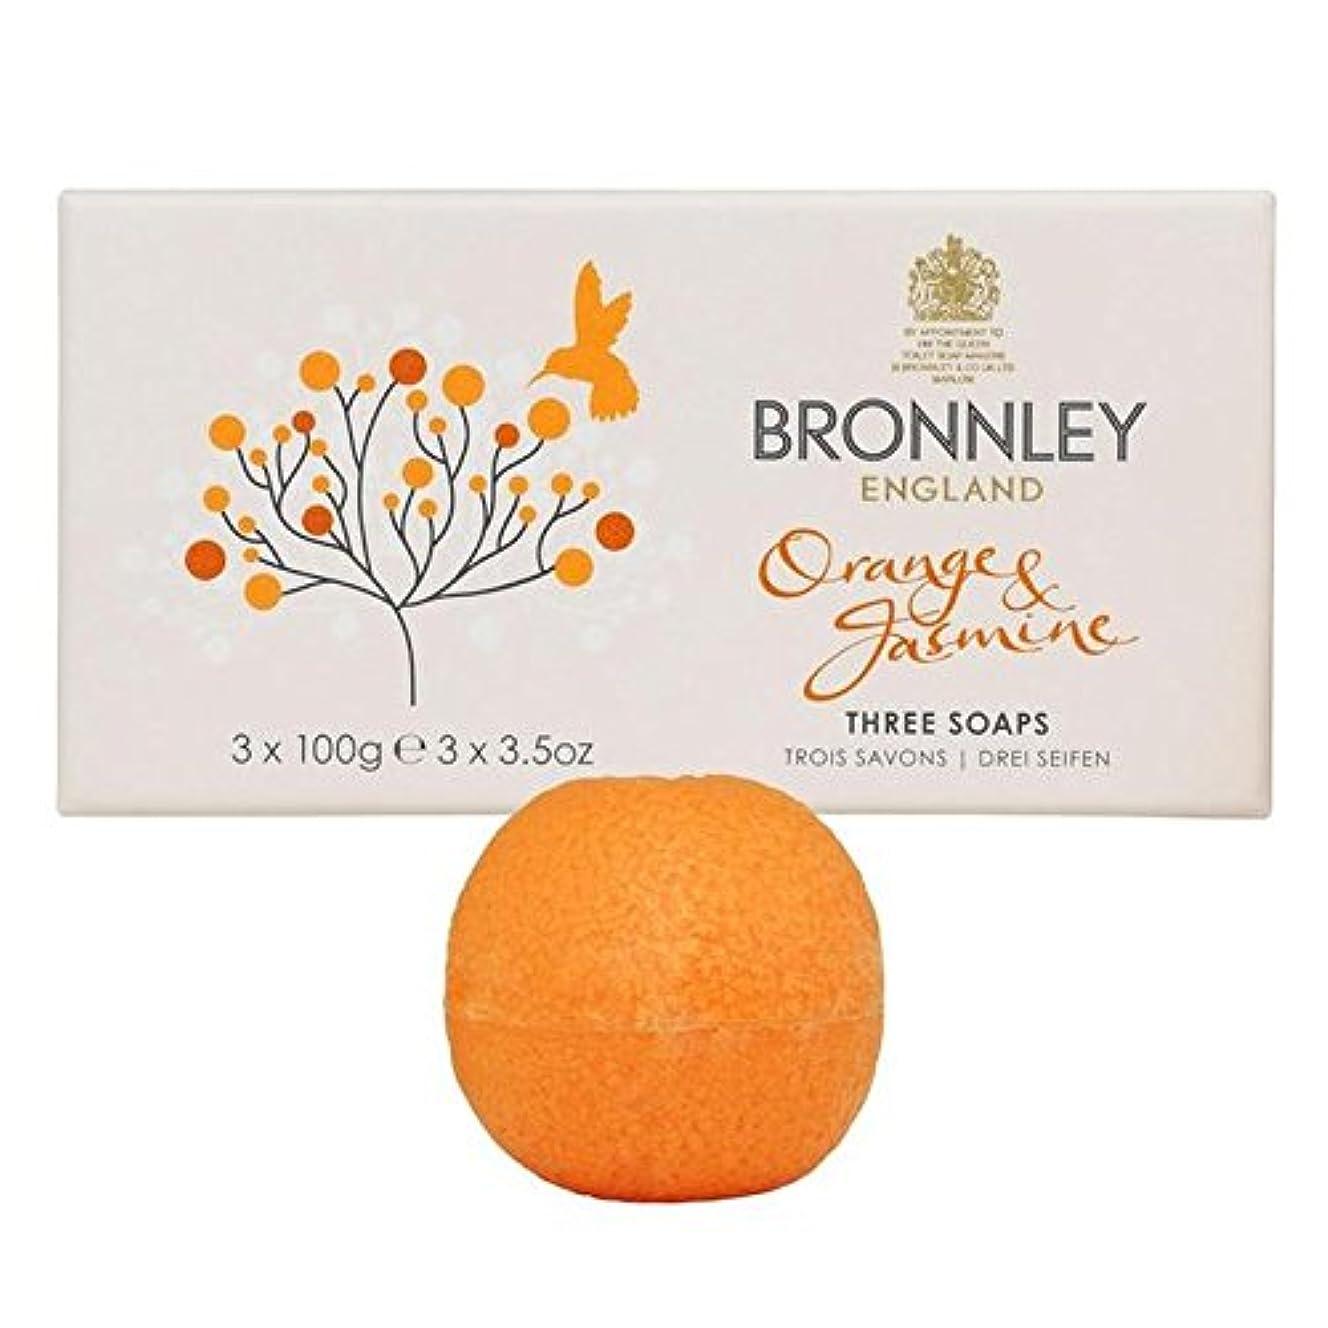 貫通解釈的たくさんオレンジ&ジャスミン石鹸3×100グラム x4 - Bronnley Orange & Jasmine Soaps 3 x 100g (Pack of 4) [並行輸入品]